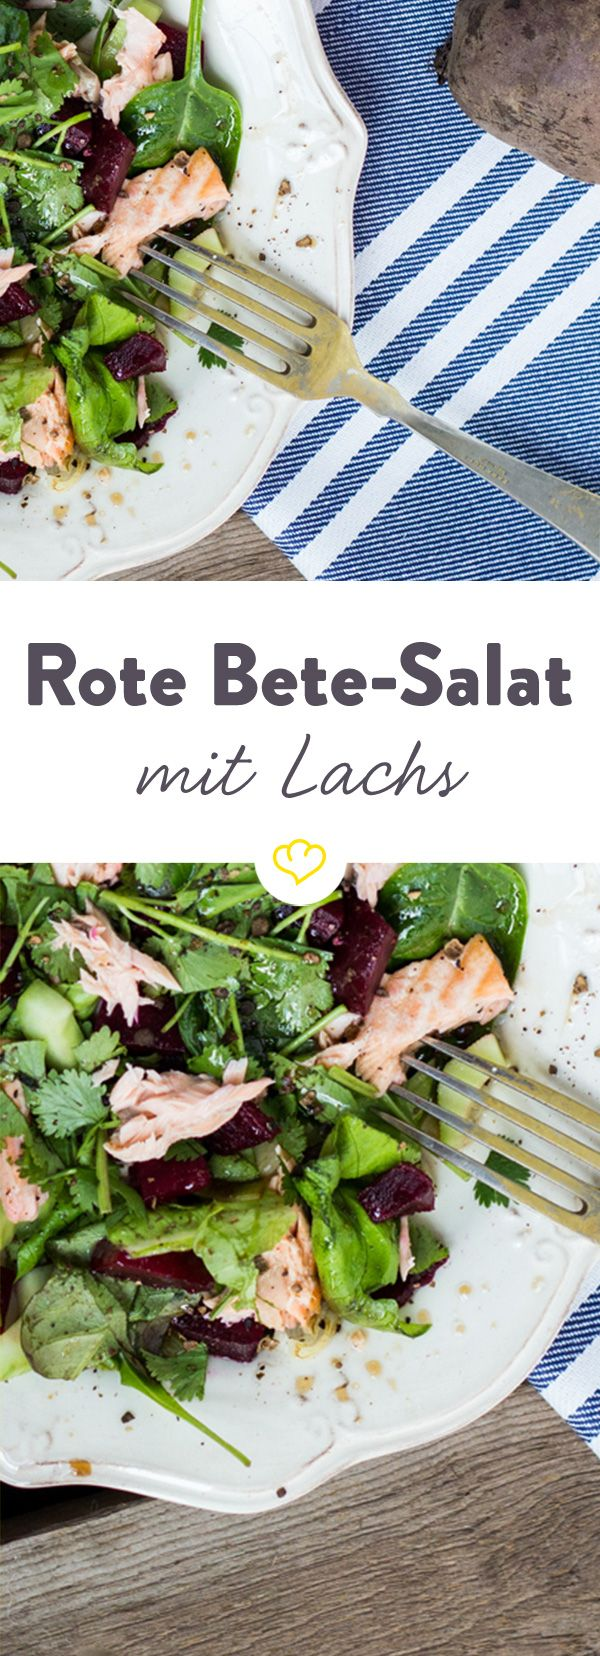 Zarter Lachs und süße Rote Bete in einem Salat vereint! Das schmeckt nicht nur fantastisch, sondern hält dich auch mit reichlich Vitaminen fit.